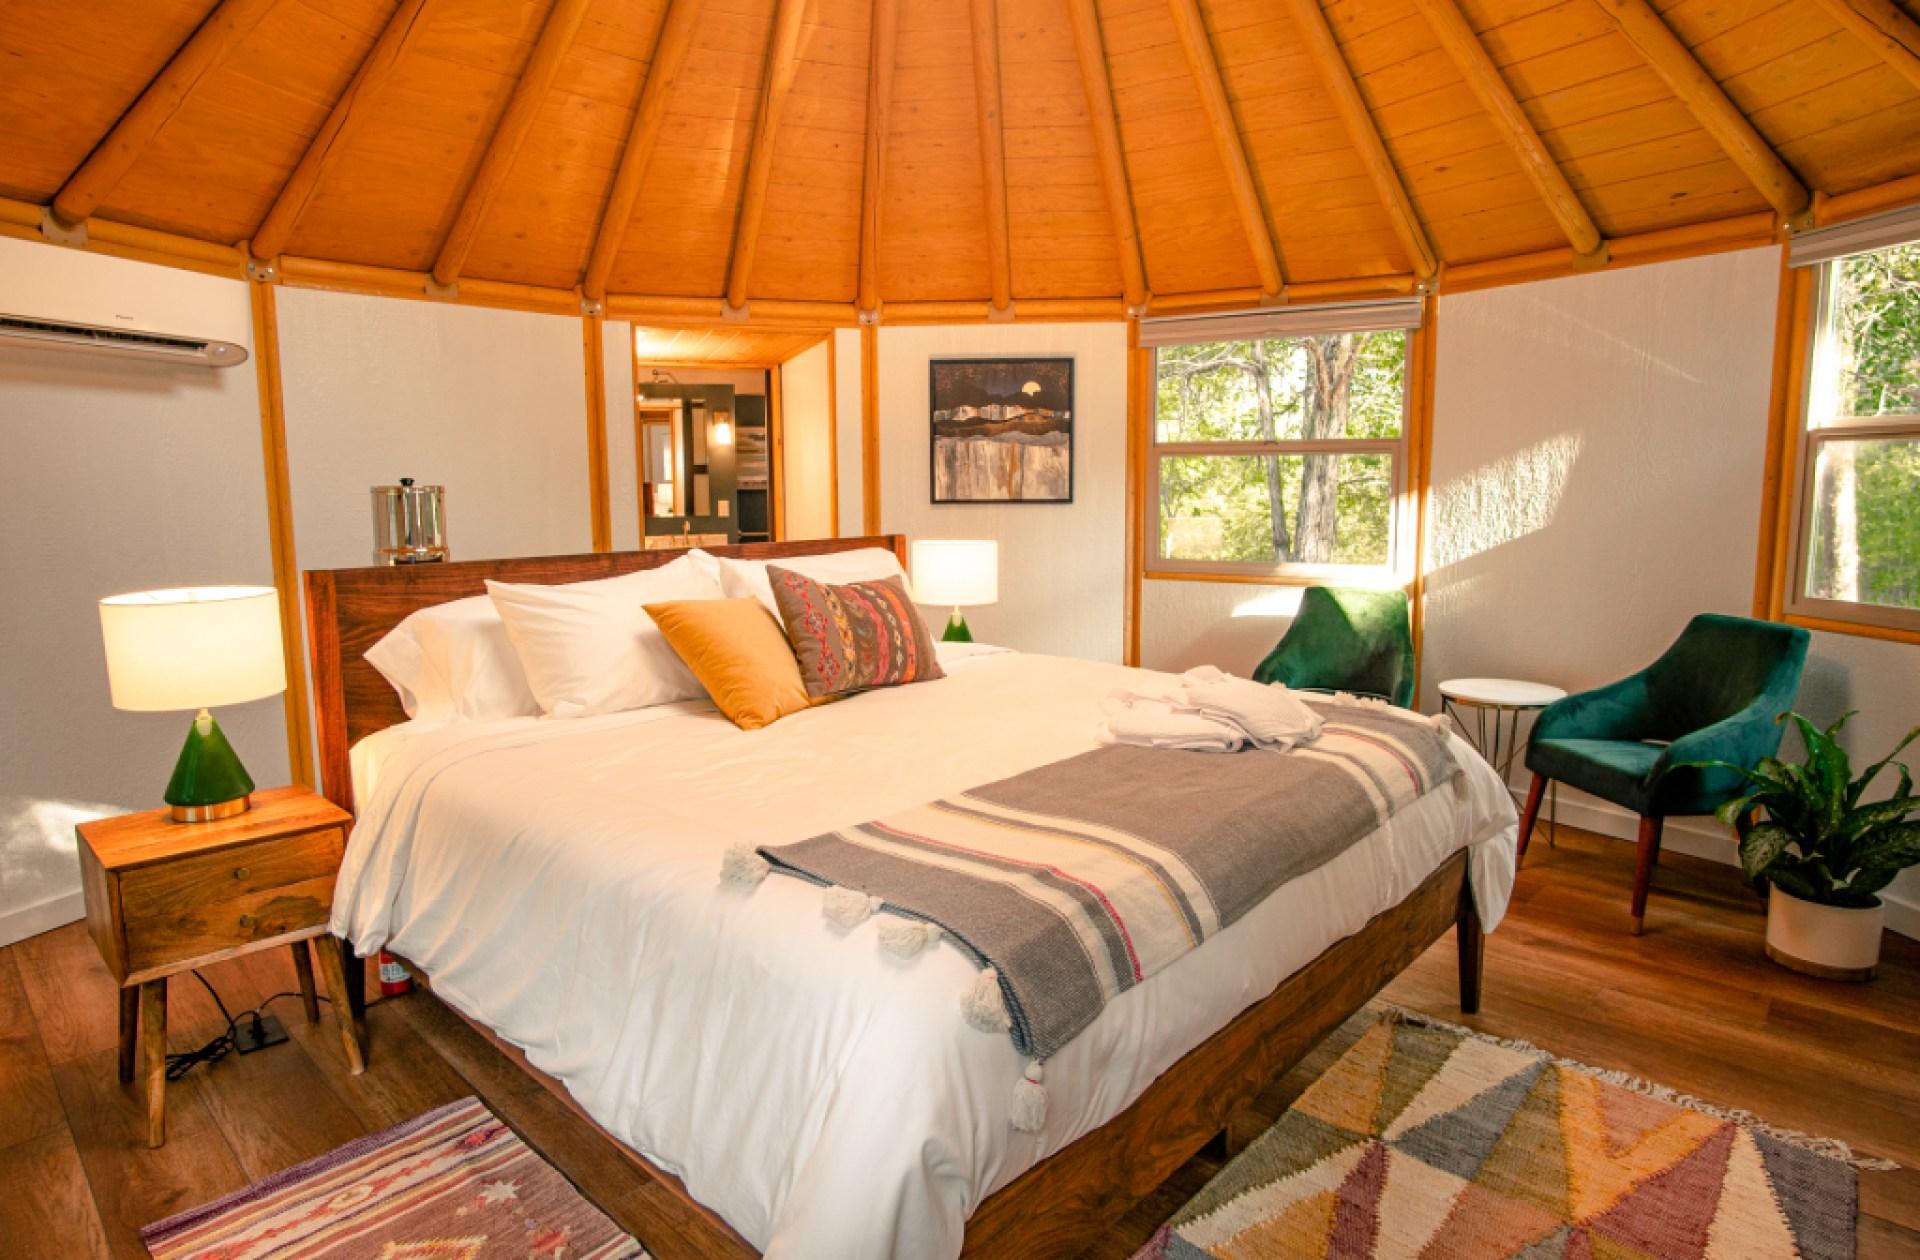 Bohemian bedroom of luxury yurt cabin in Bastrop, TX